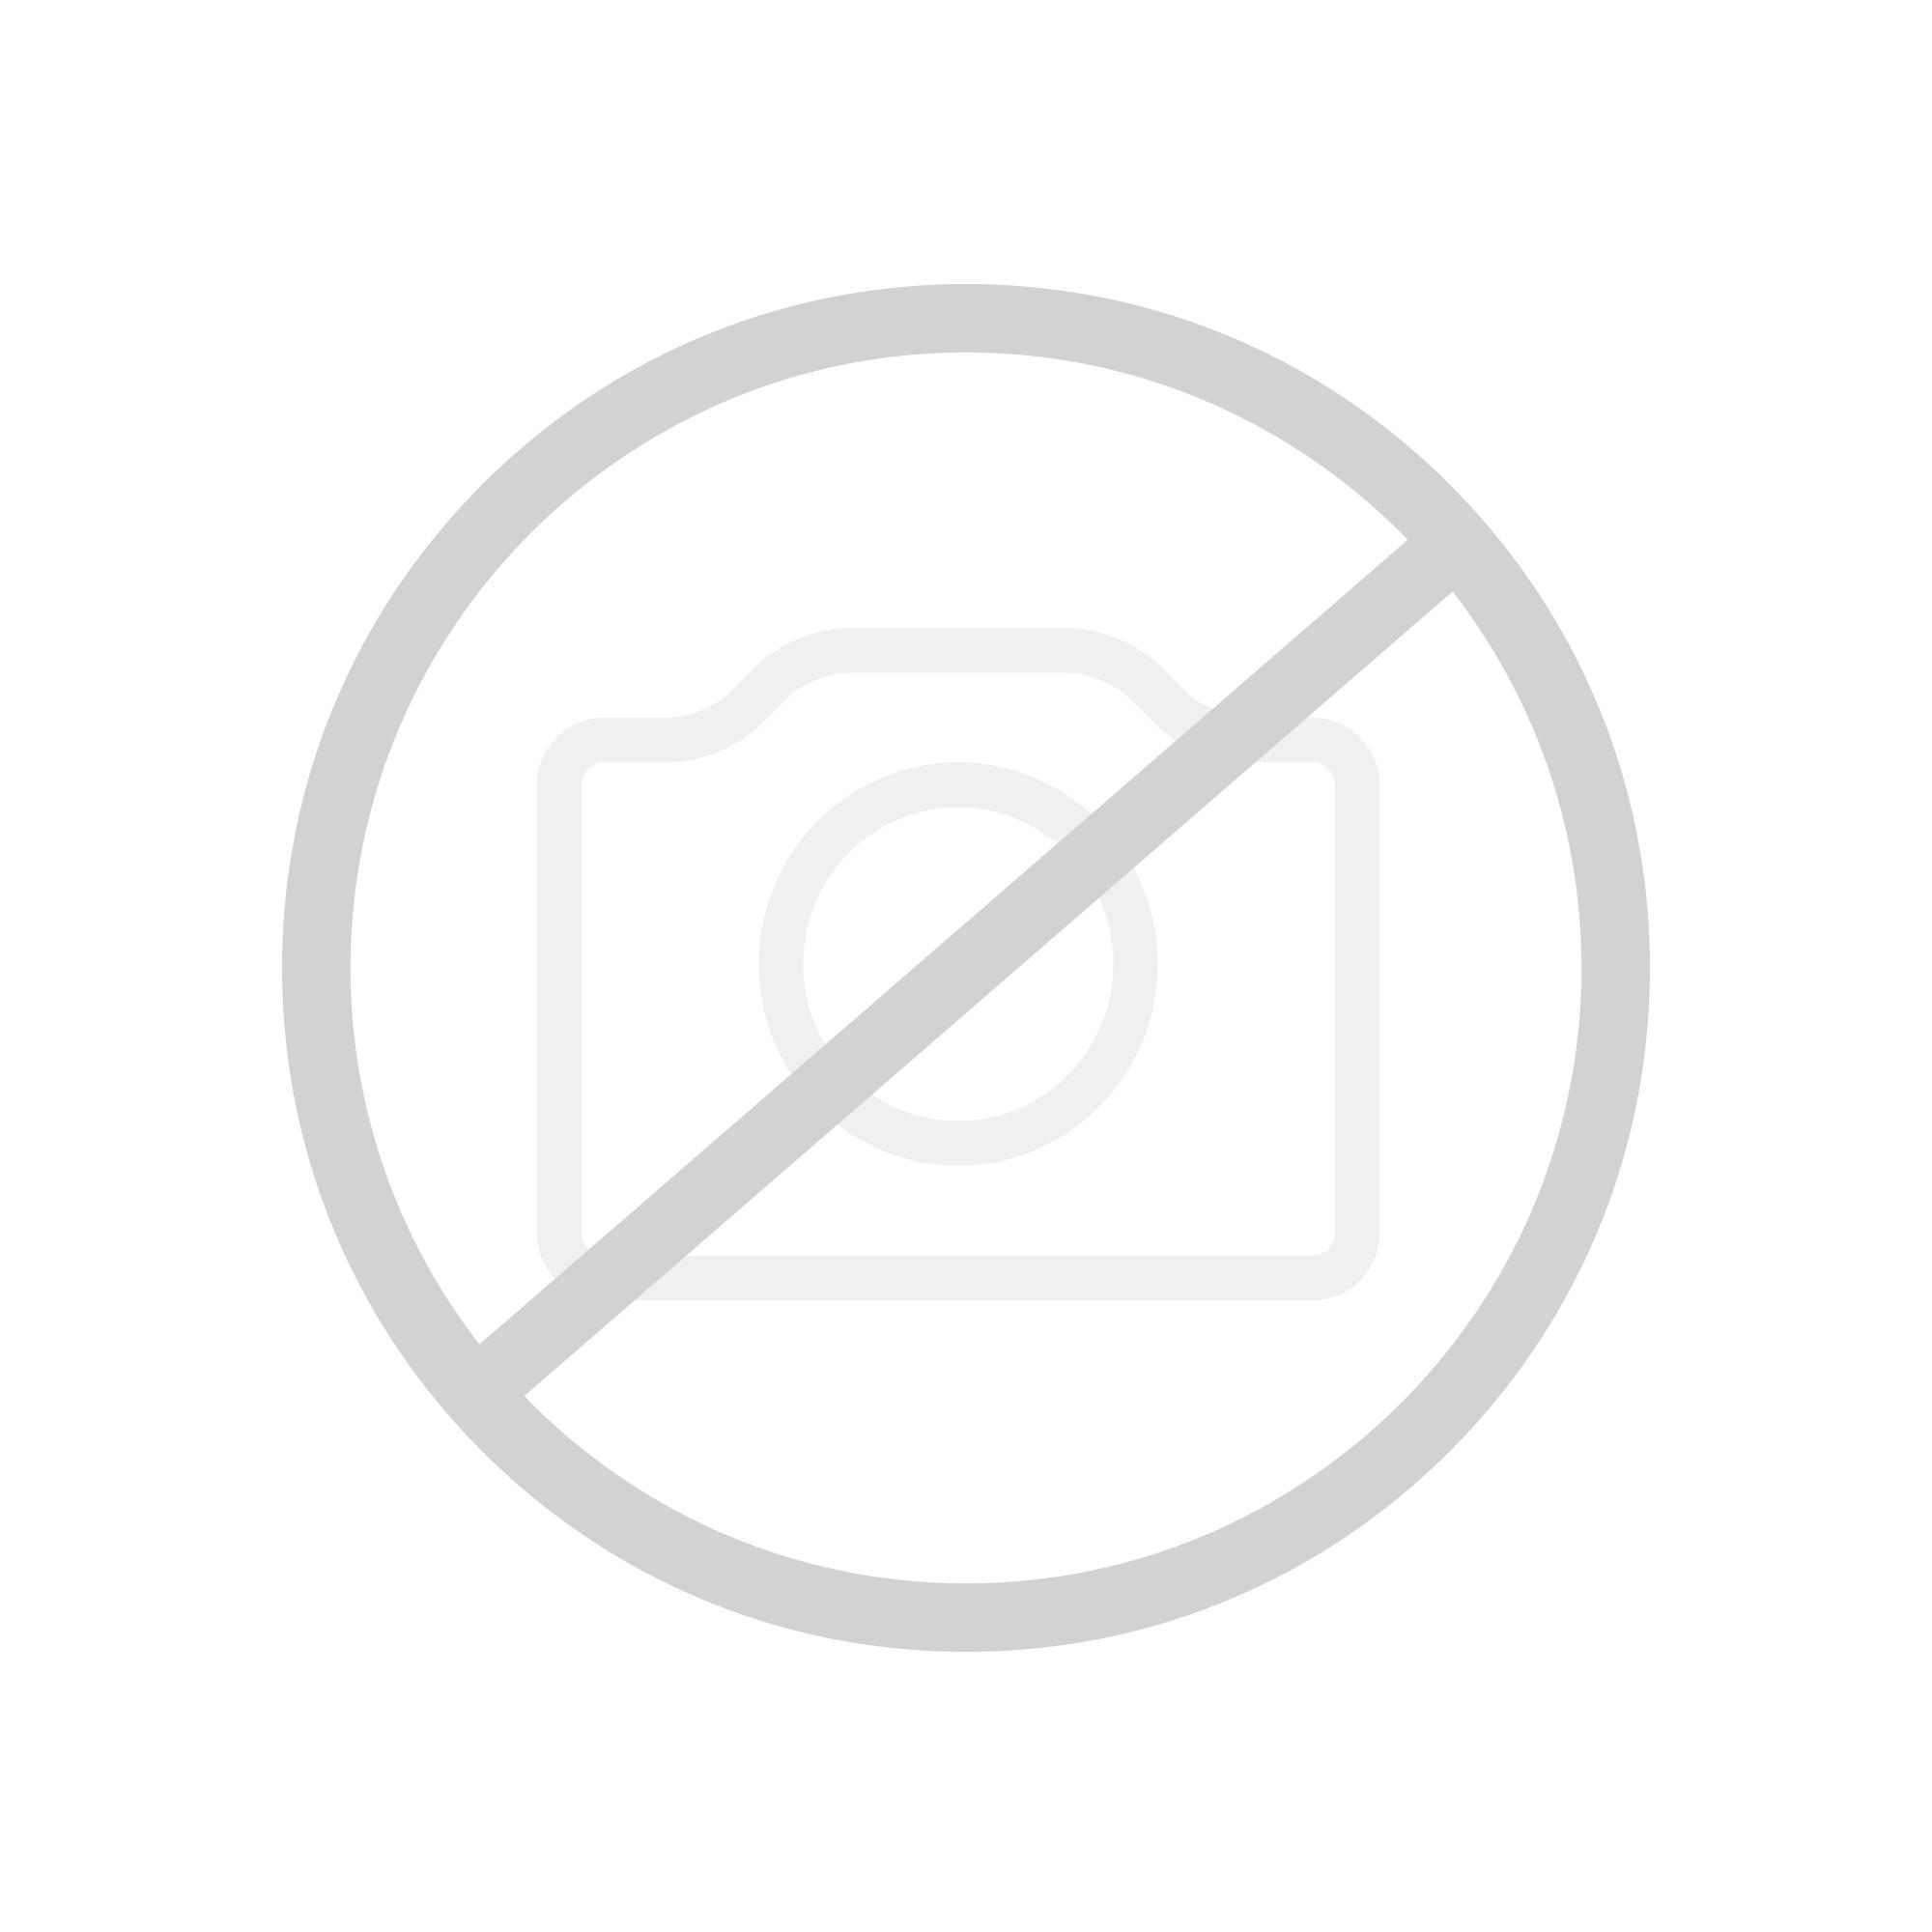 antoniolupi Bikappa BK201 umkehrbare Wandarmatur für Waschbecken, Ausladung 250 mm